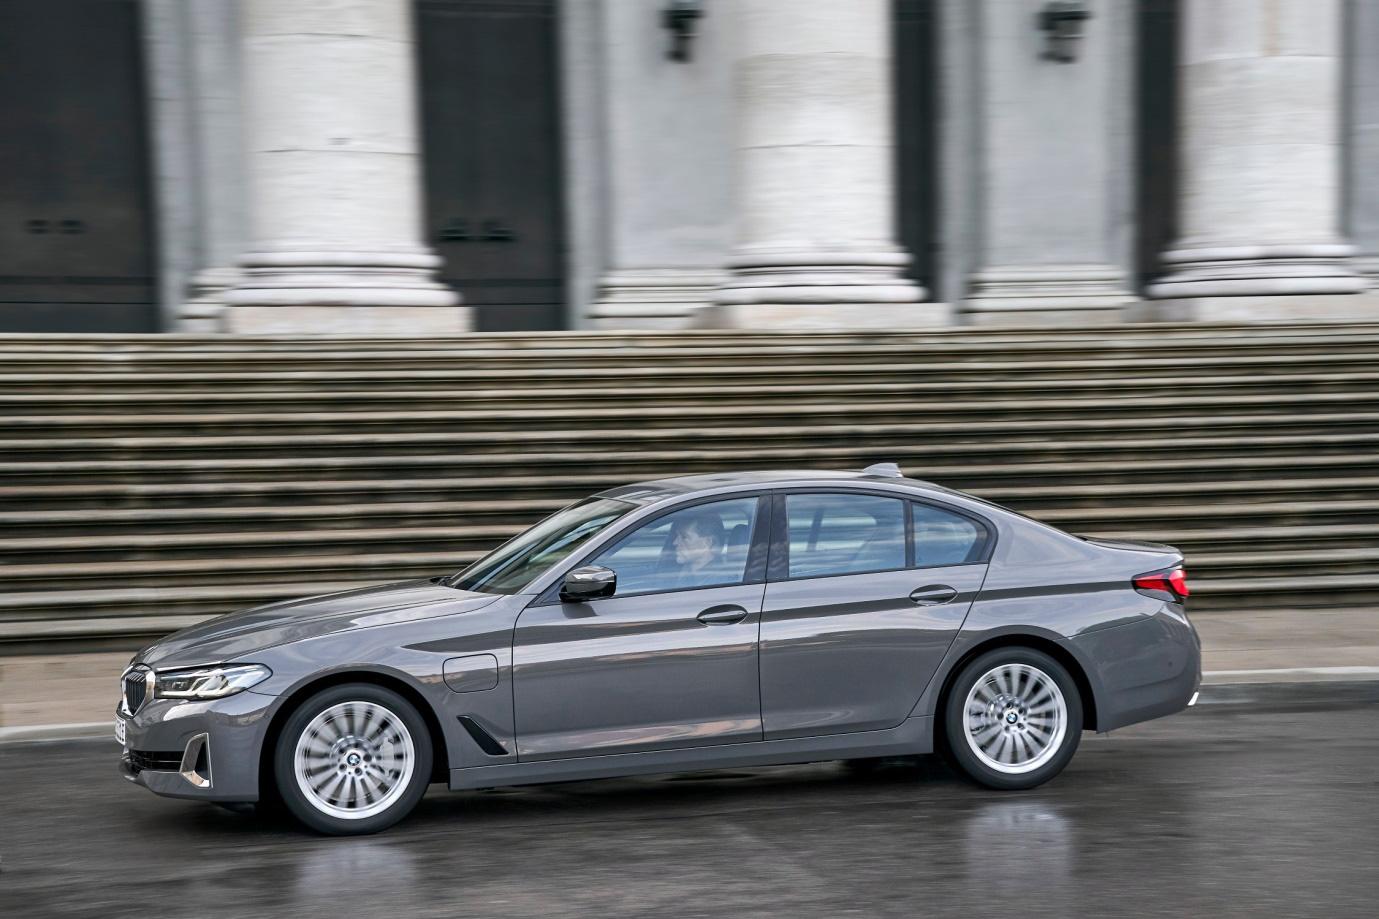 BMW 5 Series phiên bản mới sắp ra mắt tại Việt Nam - Ảnh 2.